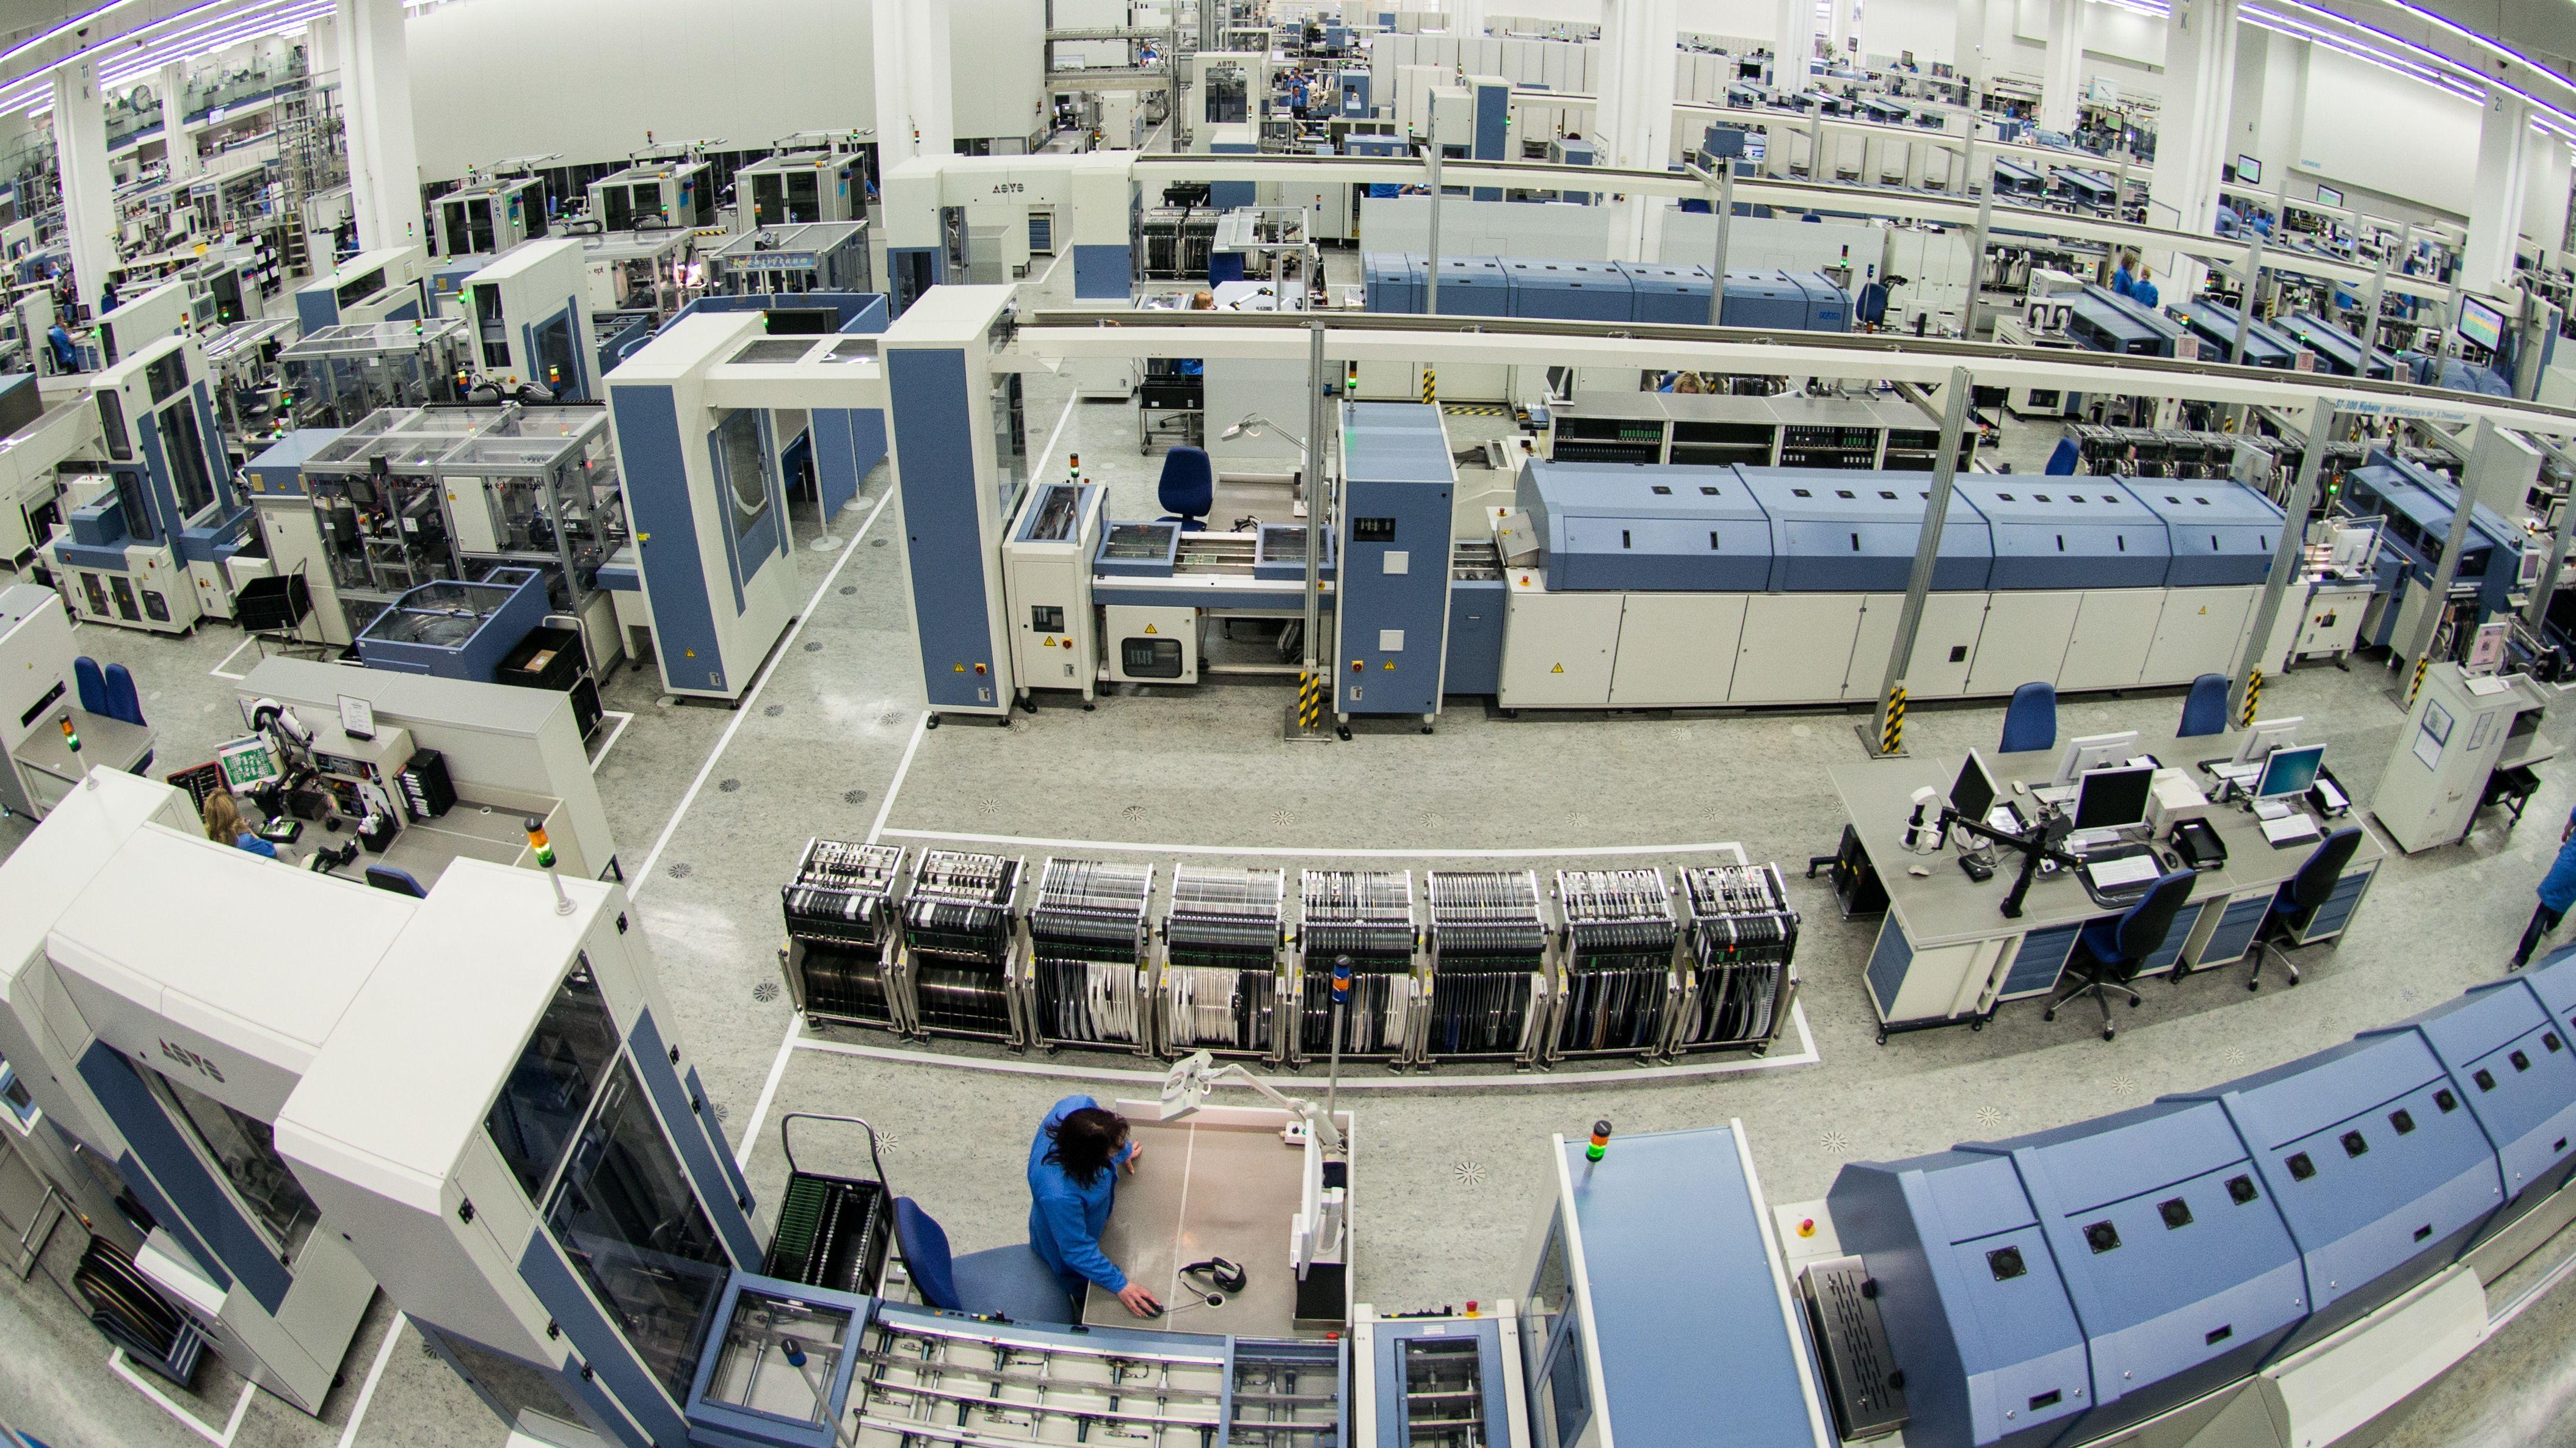 Im Zuge der Corona-Pandemie haben die Industrieunternehmen in der Oberpfalz mehr als die Hälfte ihrer Aufträge verloren.